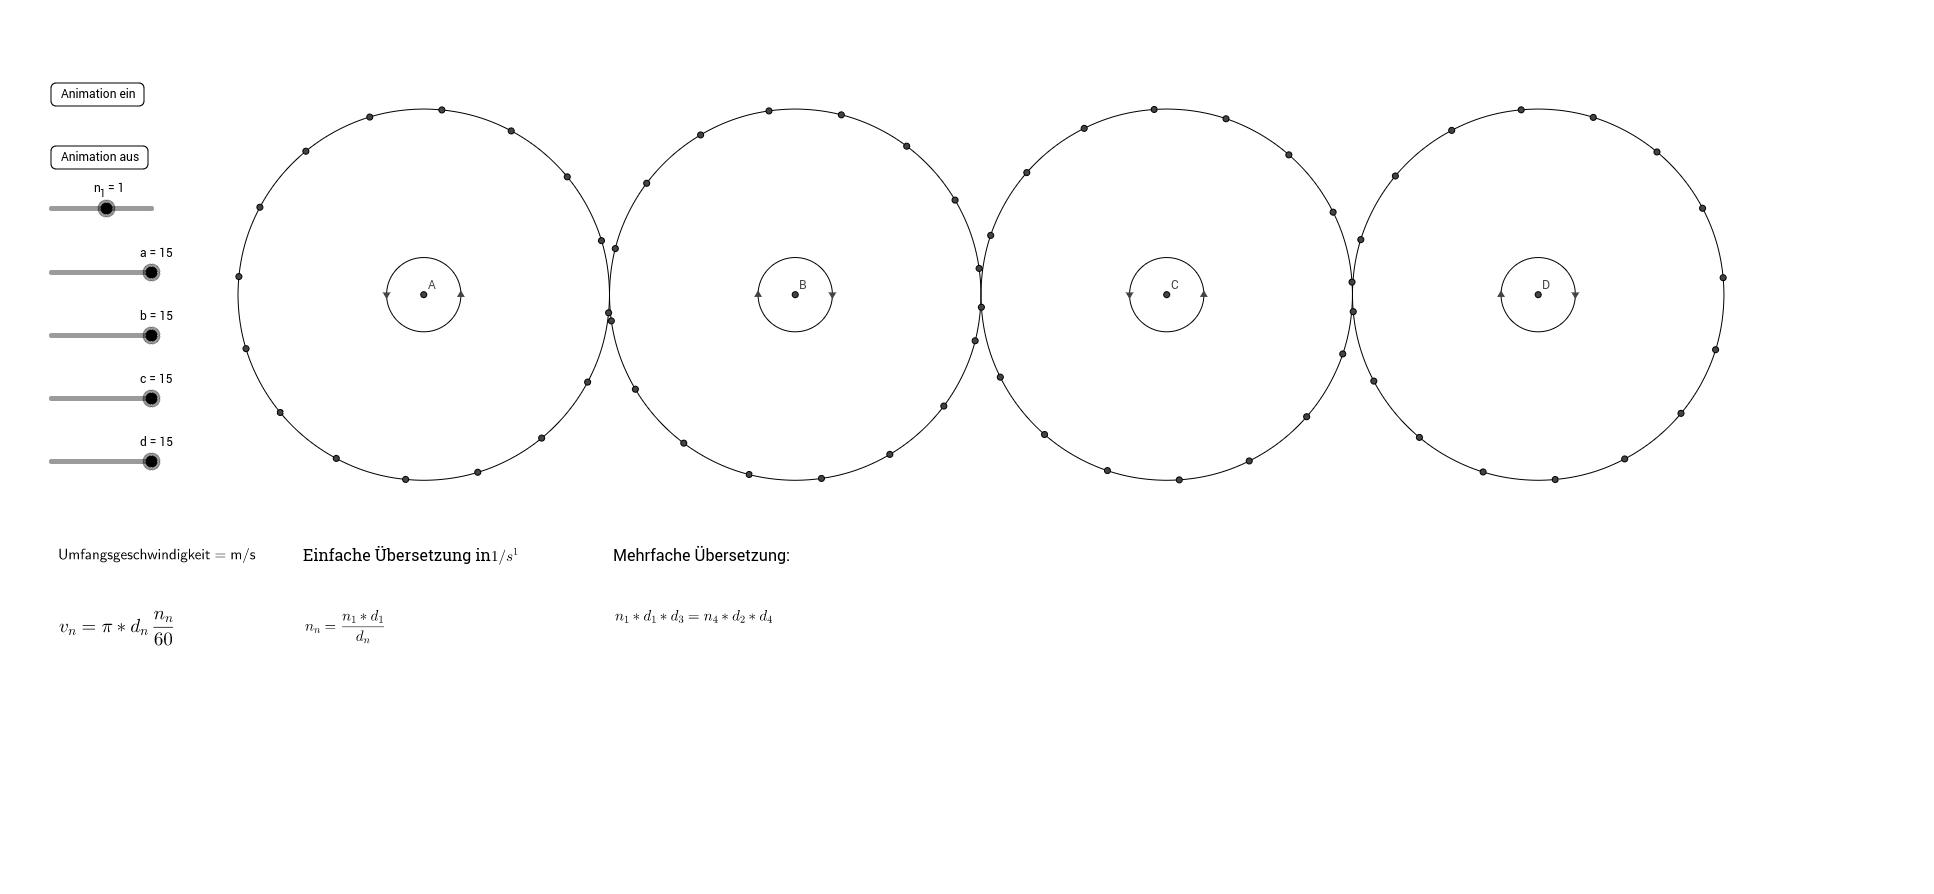 Getriebe: Drehzahl und Drehdrichtung